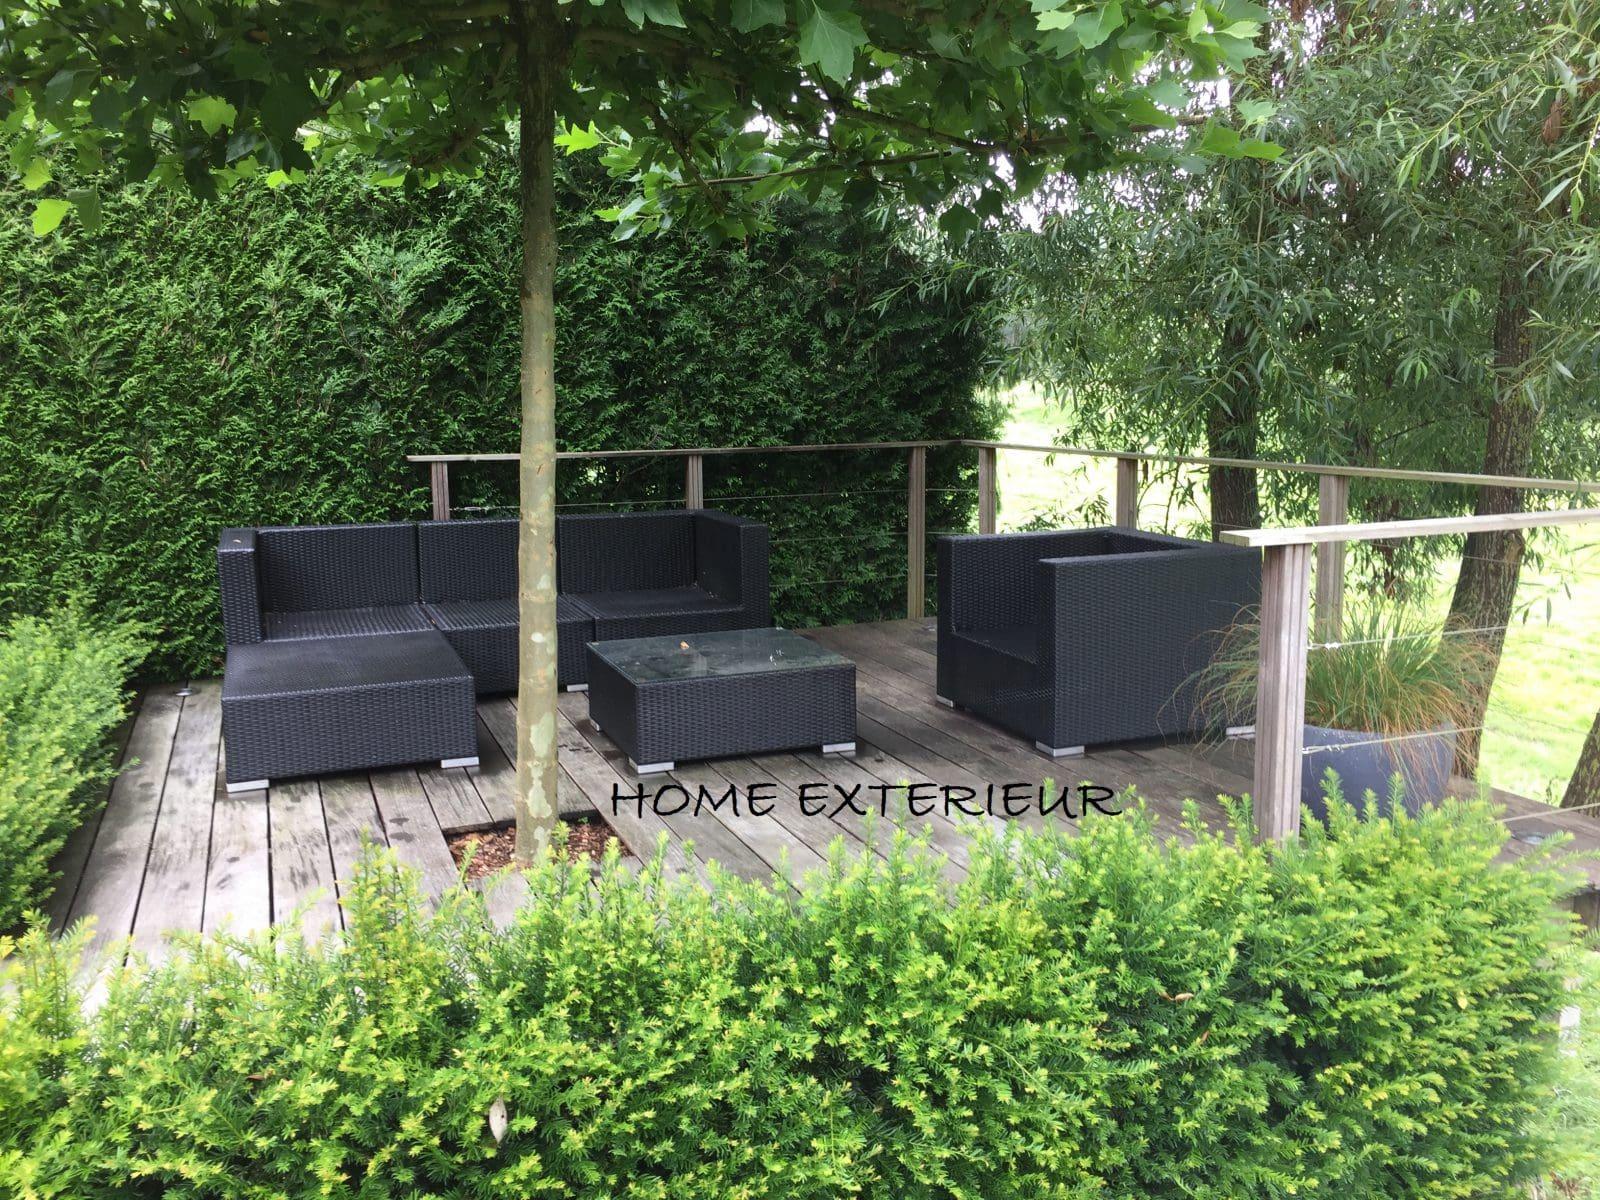 Am nagement d 39 une terrasse suspendue en bois exotique for Amenagement terrasse bois